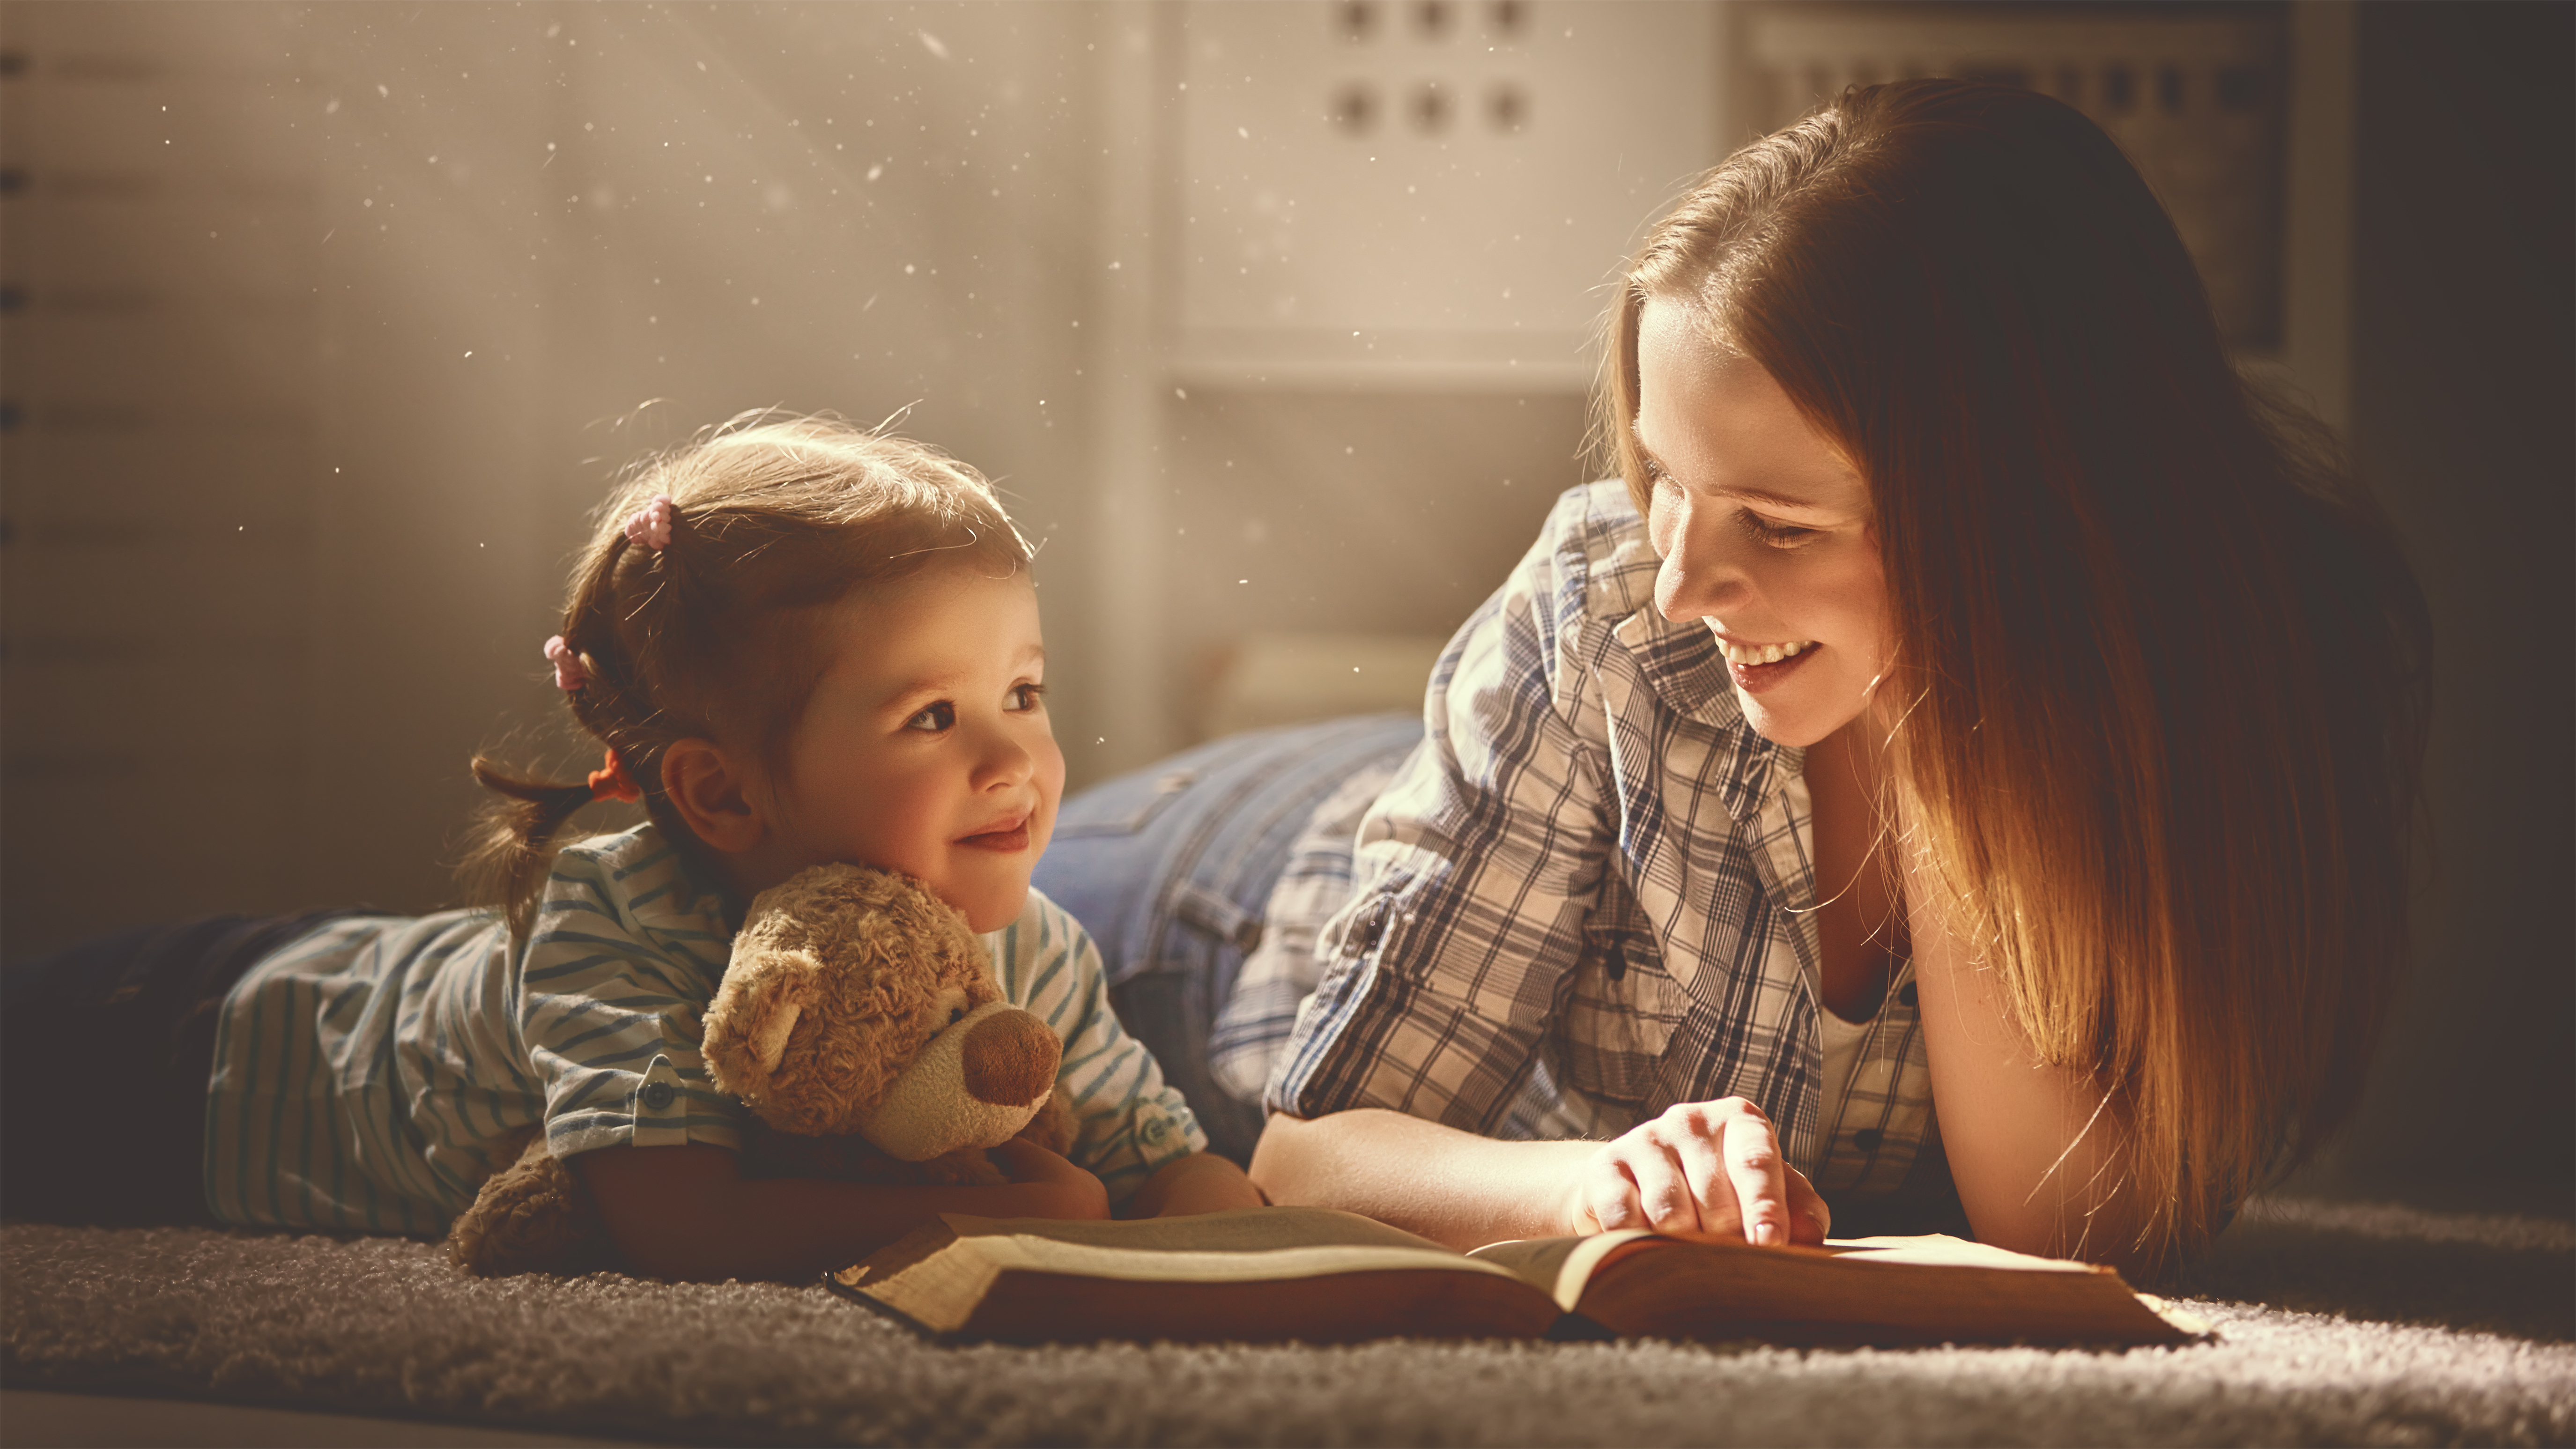 Nič nedokáže nahradiť spoločne strávený čas , v ktorom dieťa nadobúda pocity lásky, istoty a bezpečia.